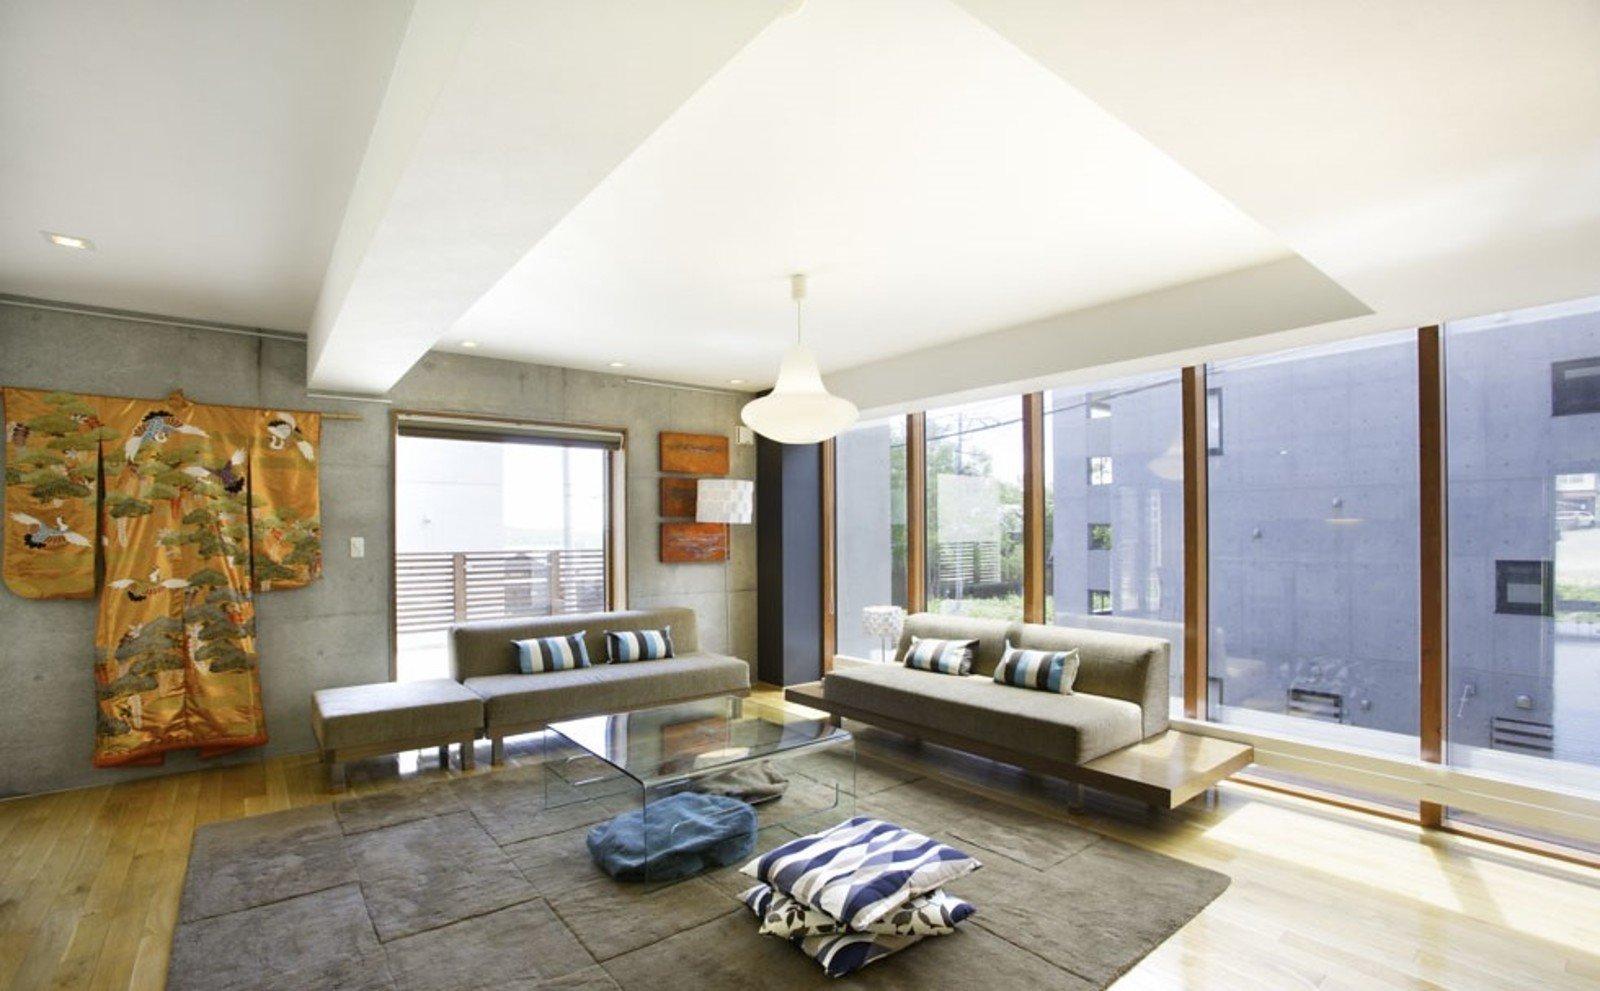 The 3 bedroom apartment in Kon M Asanagi in Niseko, Japan.